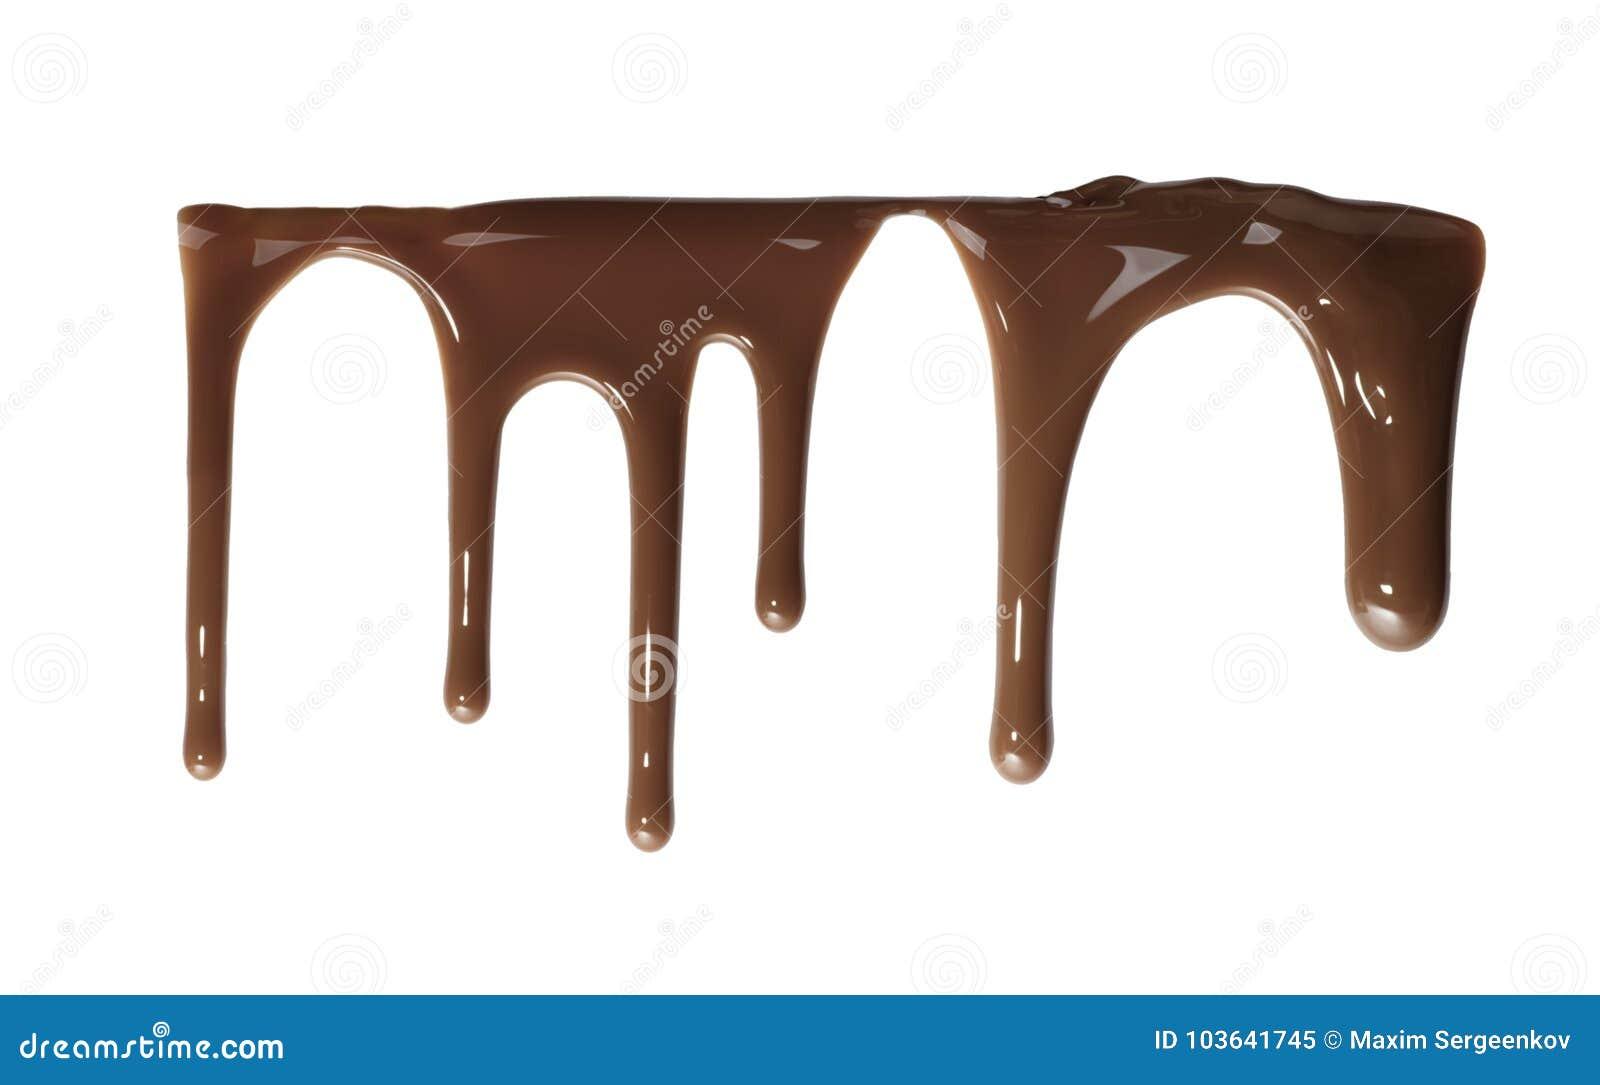 Ροή κάτω από την υγρή σοκολάτα